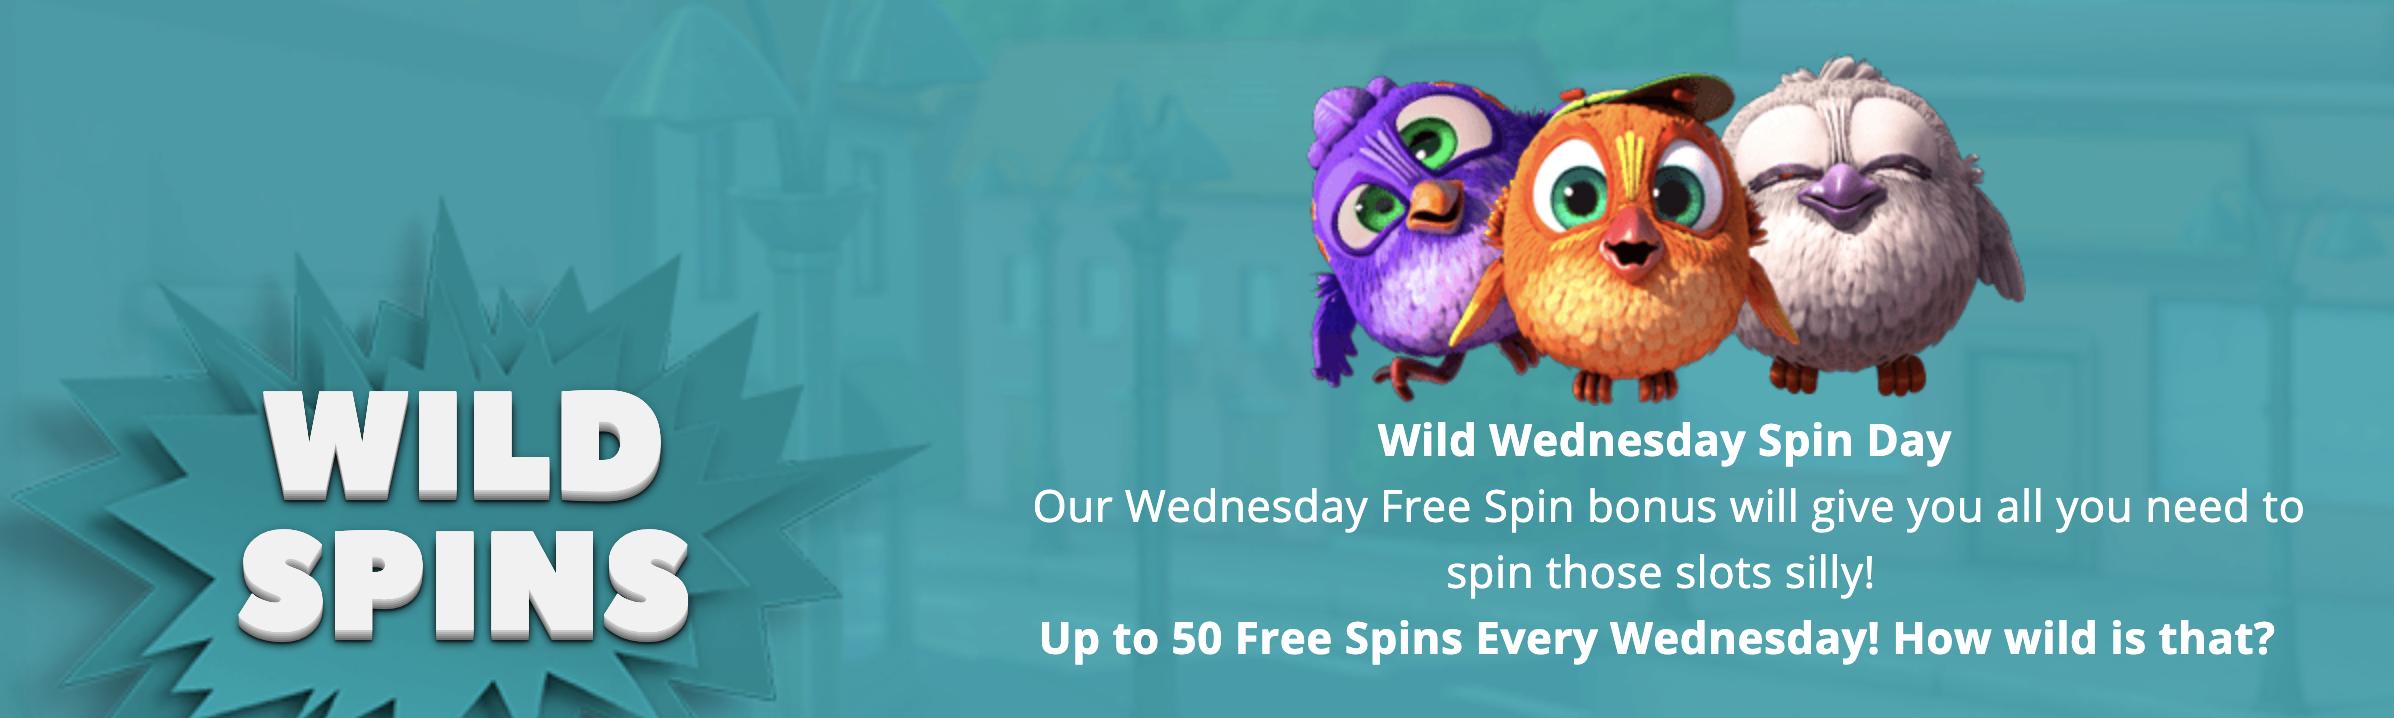 wildSpins